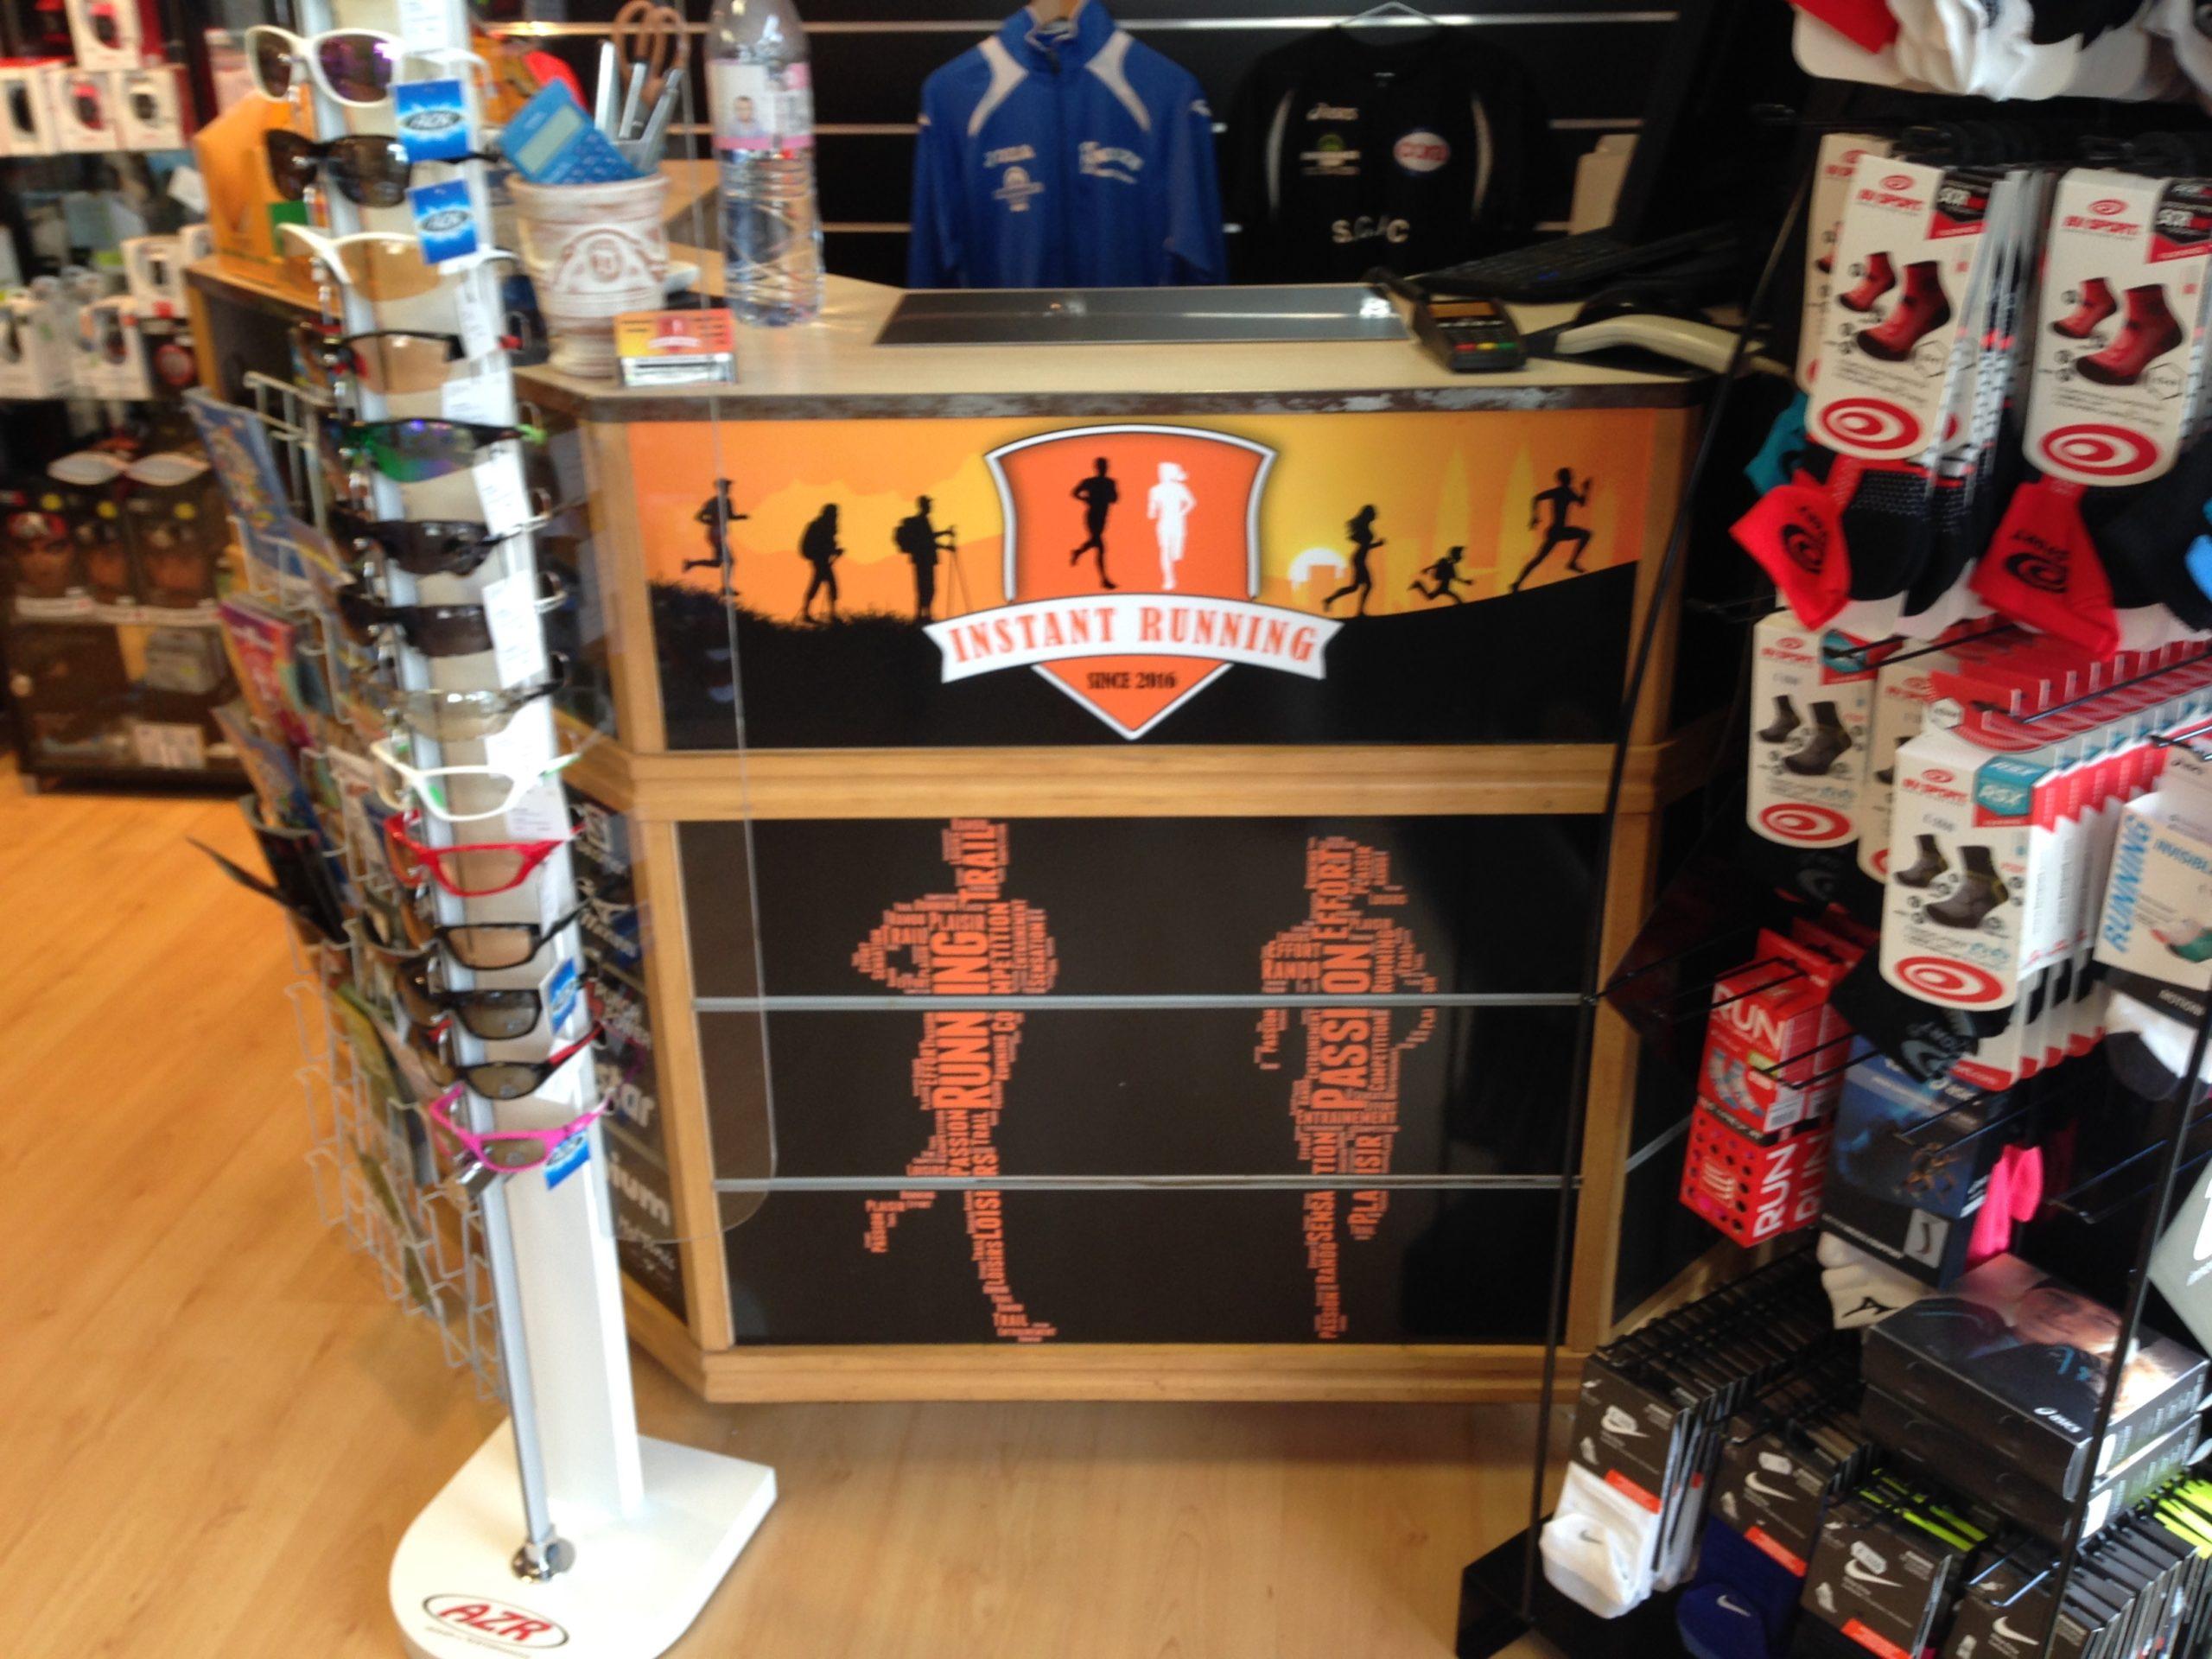 Habillage intérieur d'Instant Running Alès, magasin spécialisé dans la vente d'articles de running